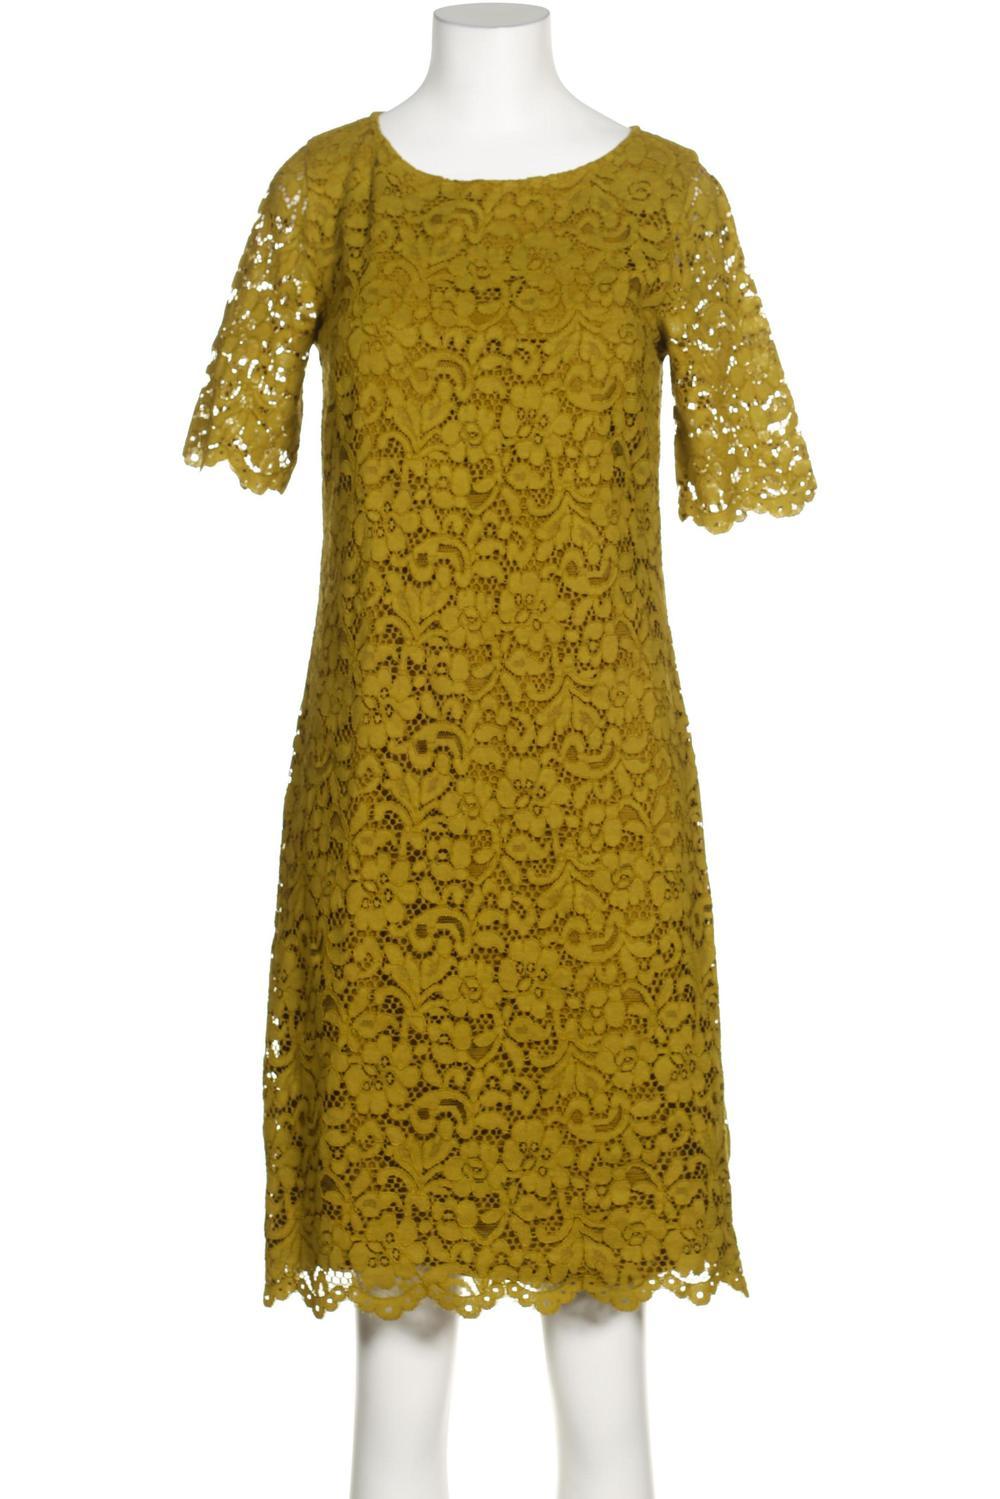 DONNA by HALLHUBER Damen Kleid EUR 18 Second Hand kaufen  ubup